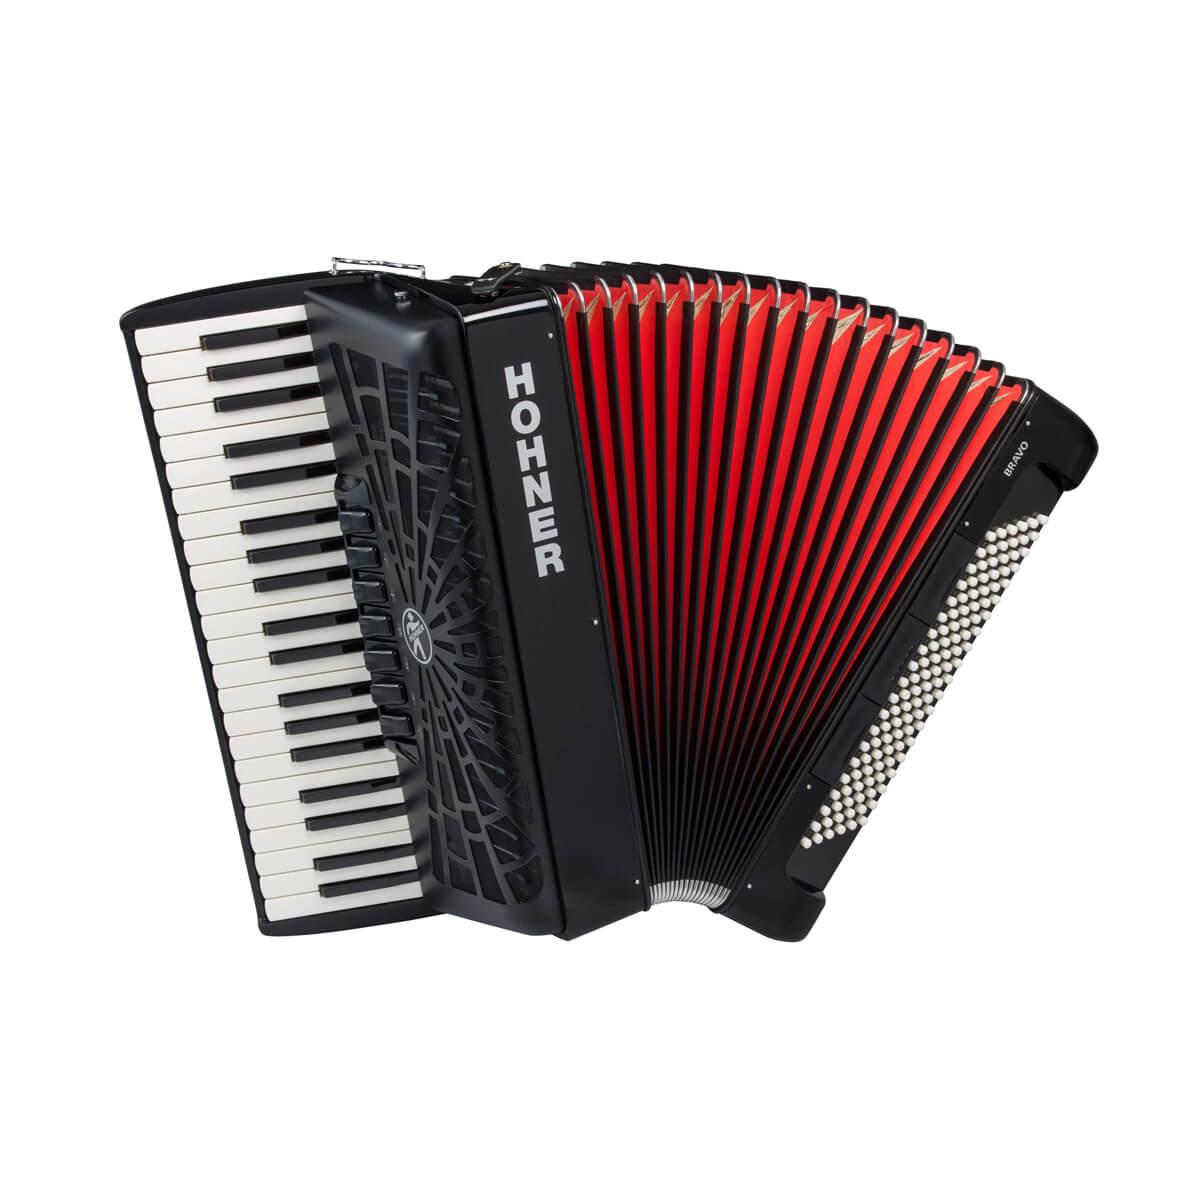 Hohner Bravo III 120 piano-harmonika sort